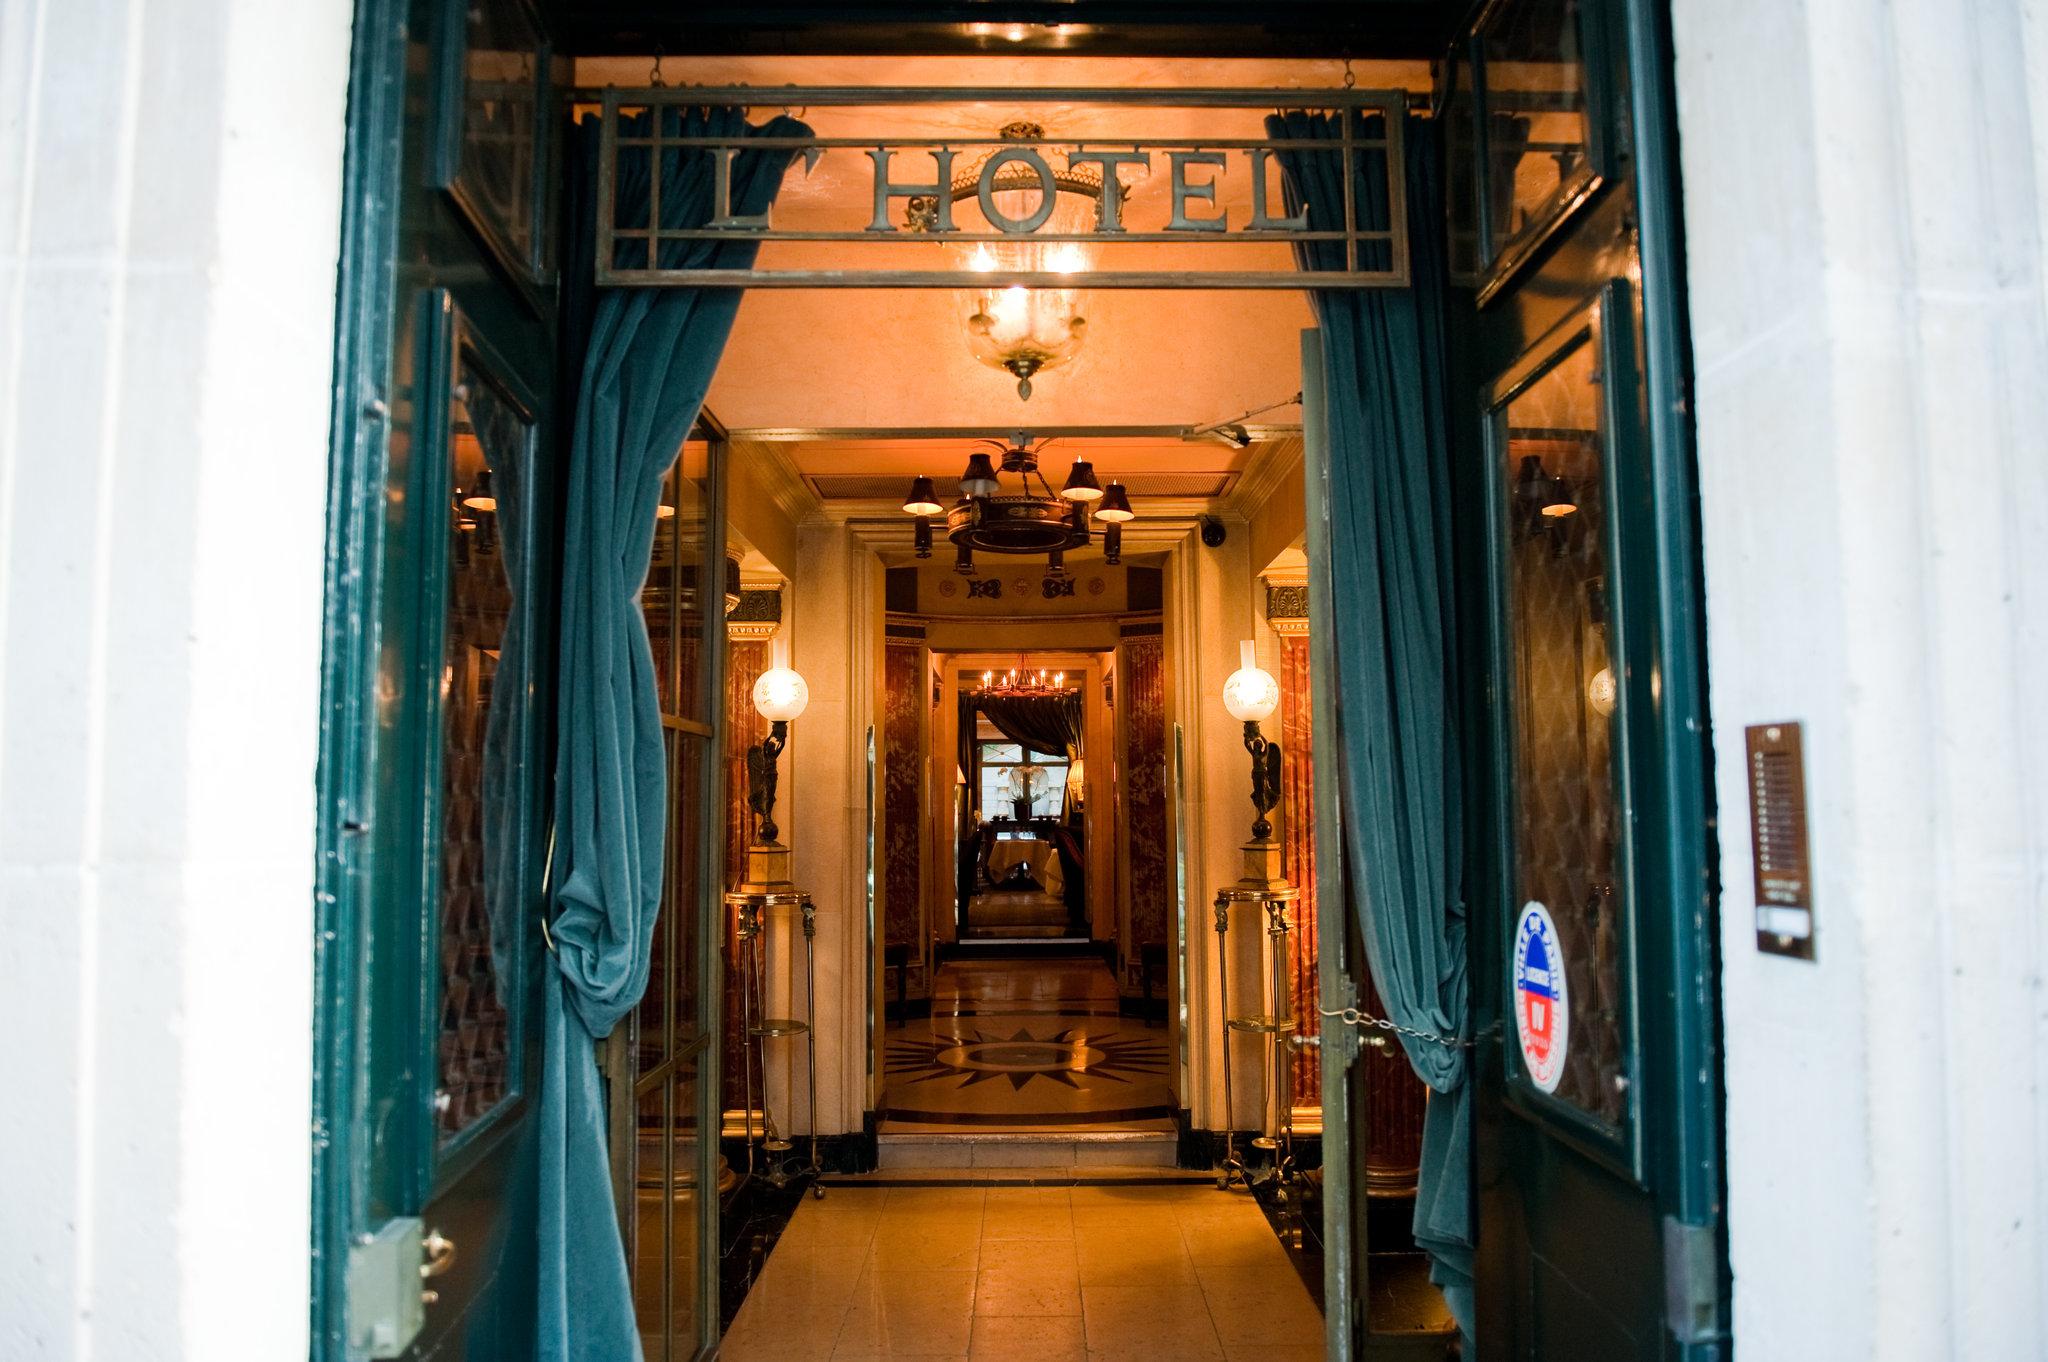 ハリウッドスターも通うパリの小さな隠れ家ホテル「ロテル(L'Hotel)」